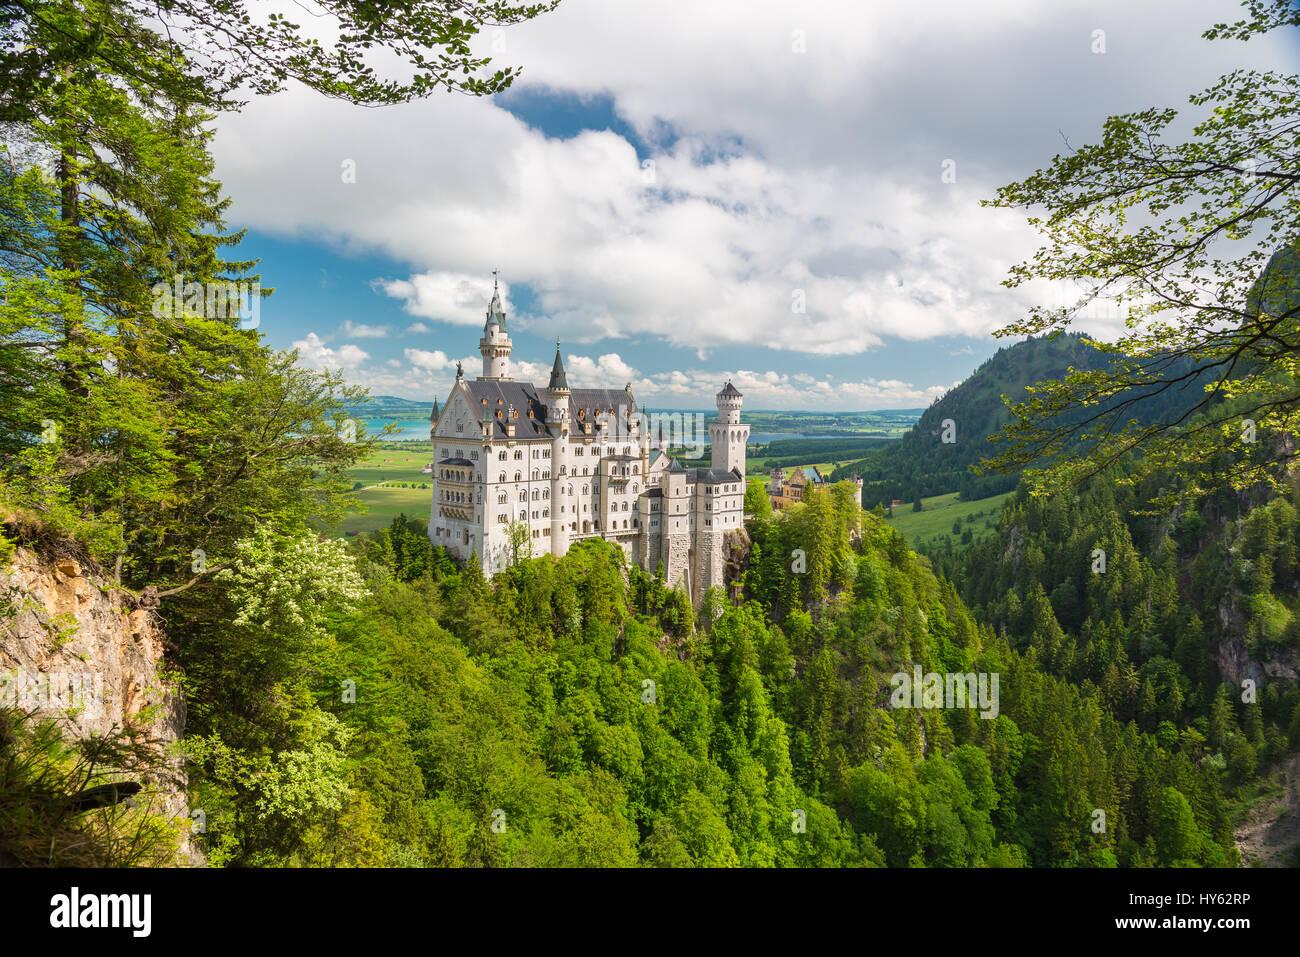 Malerische Naturlandschaft mit Schloss Neuschwanstein. Bayern, Deutschland Stockbild